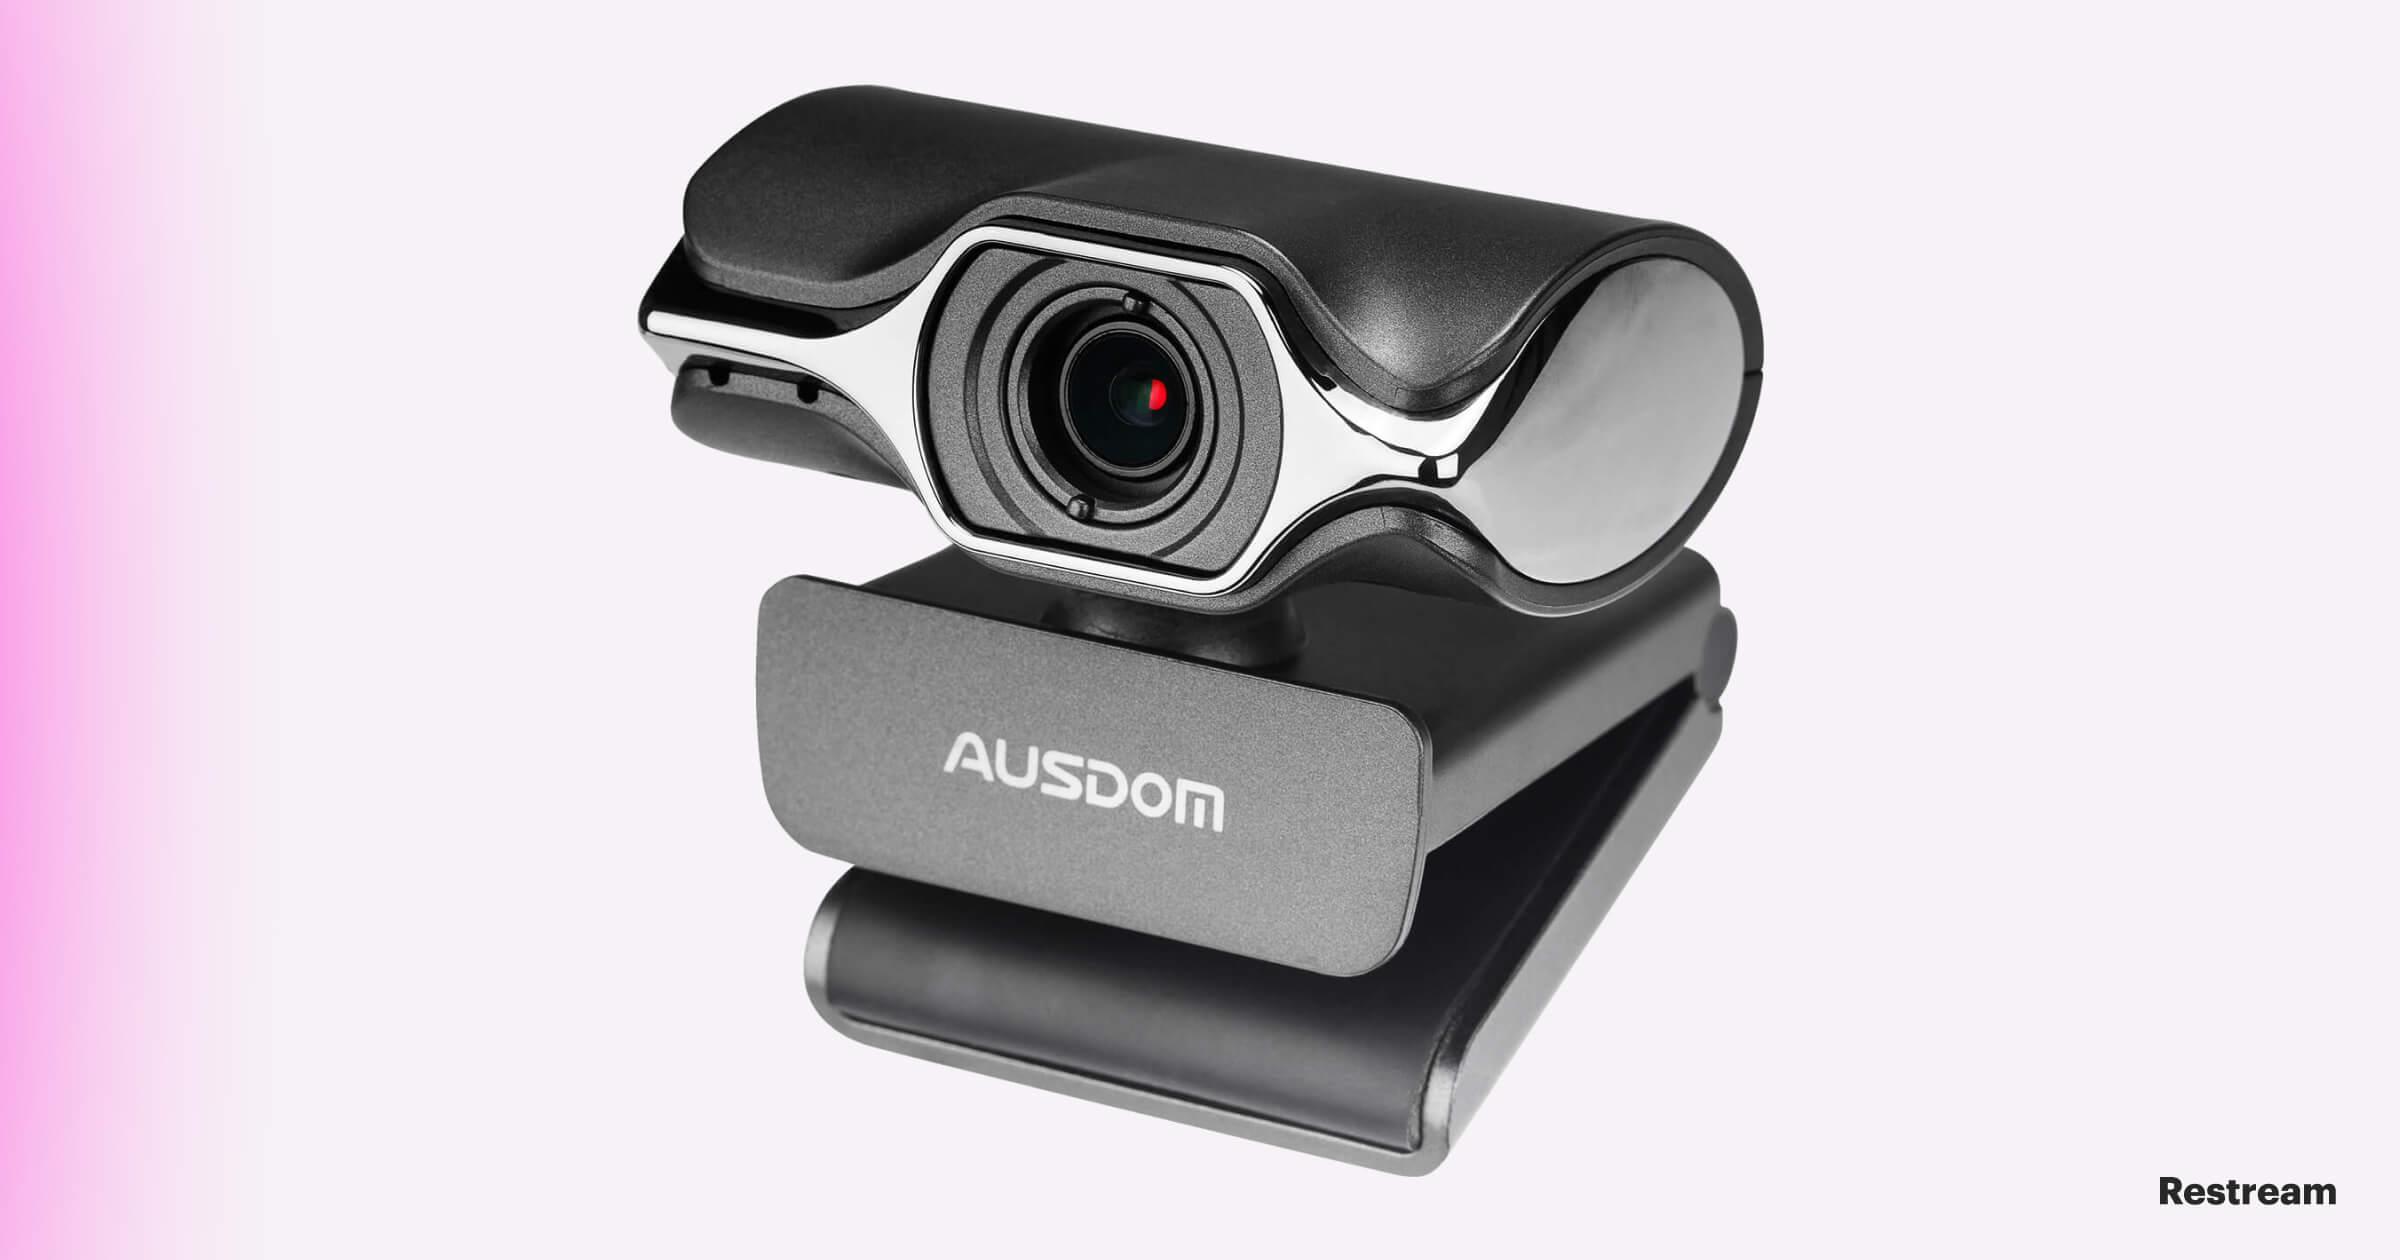 AUSDOM AW620 Pro Stream Camera